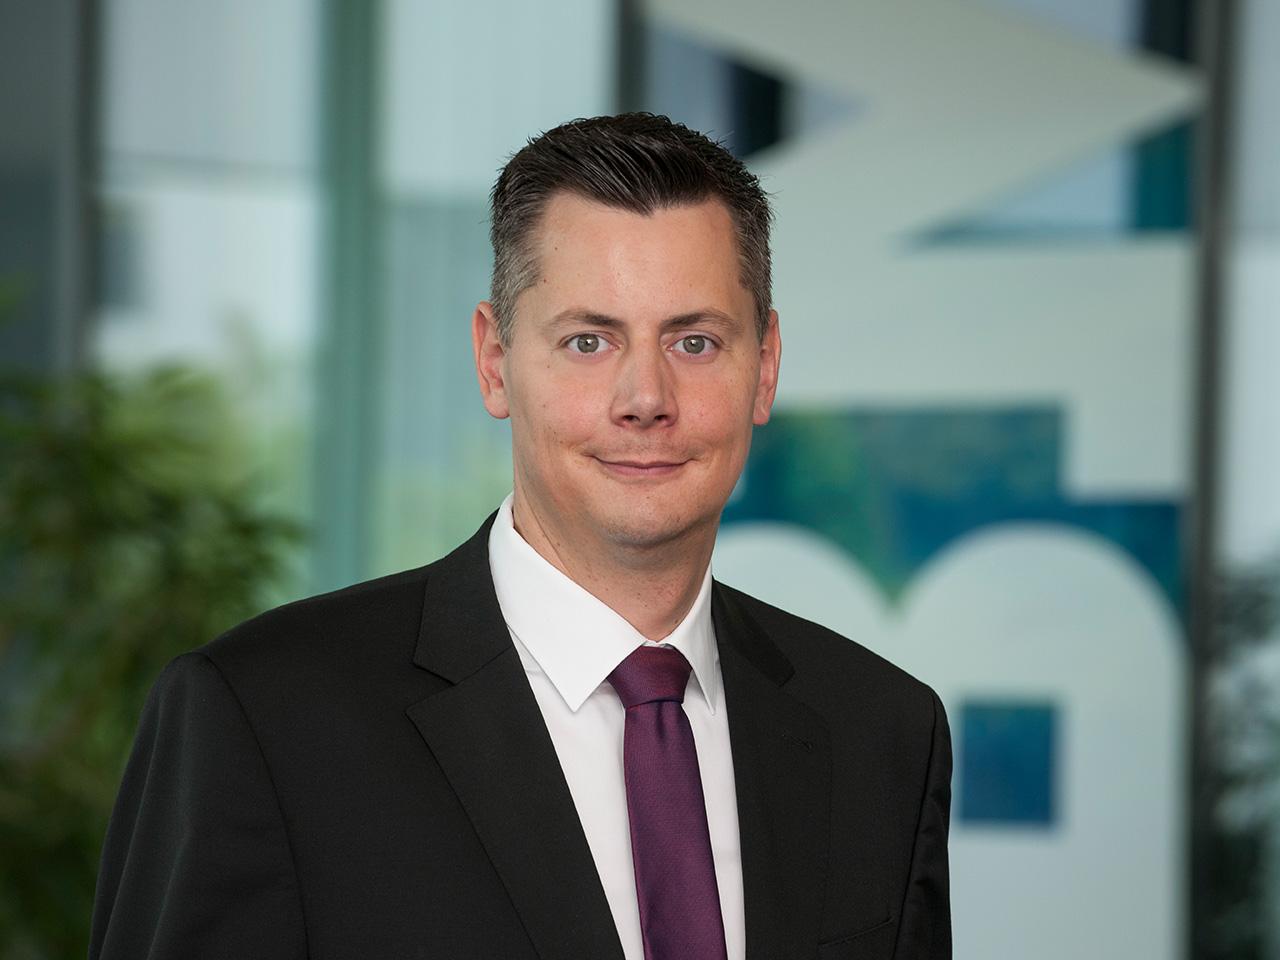 Norbert Janzen, Arbeitsdirektor von IBM Deutschland. (Bild: IBM)